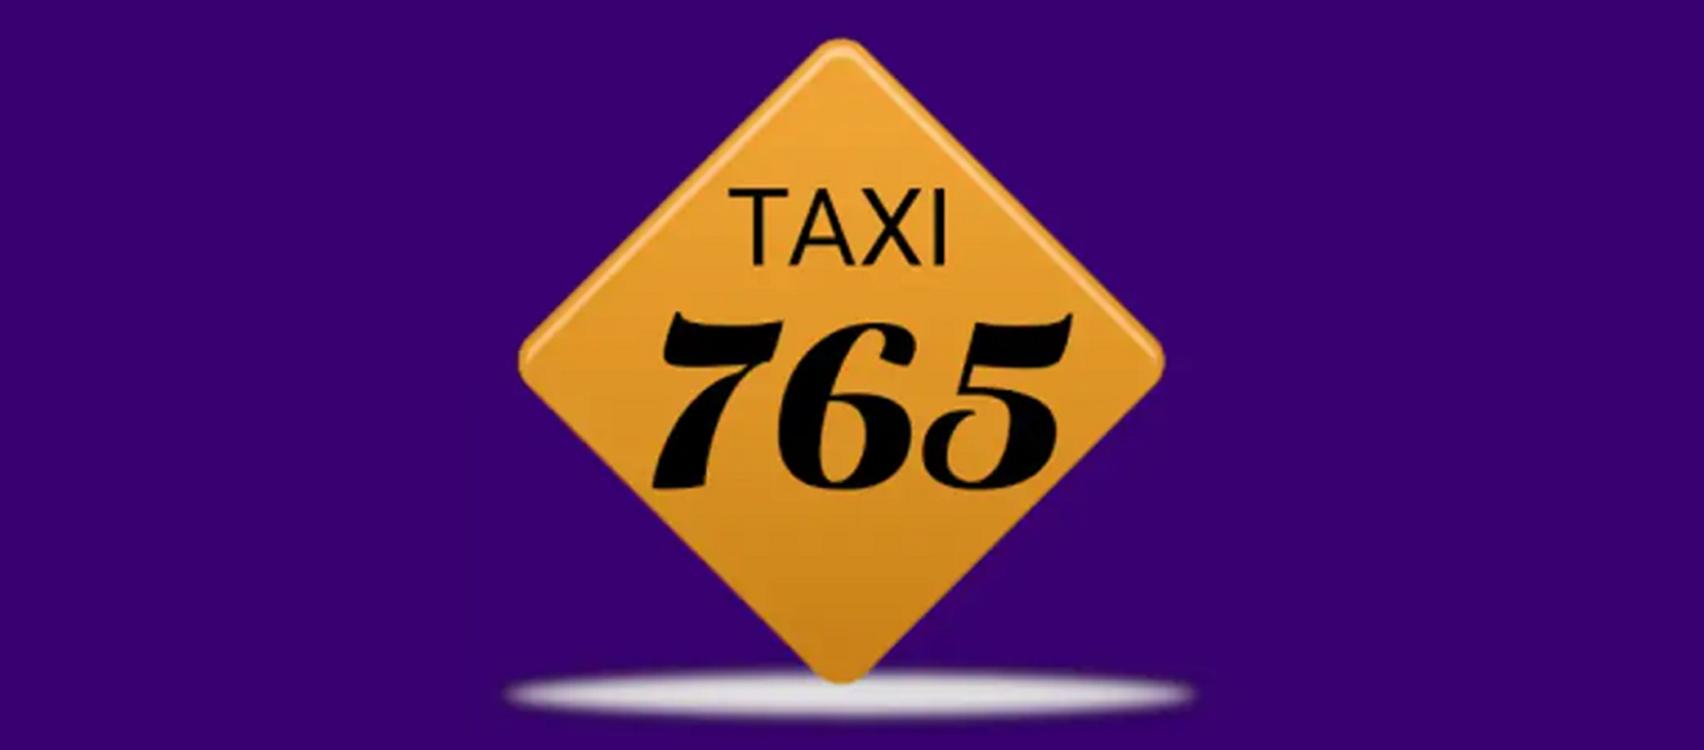 Таксі 765  (Львів)